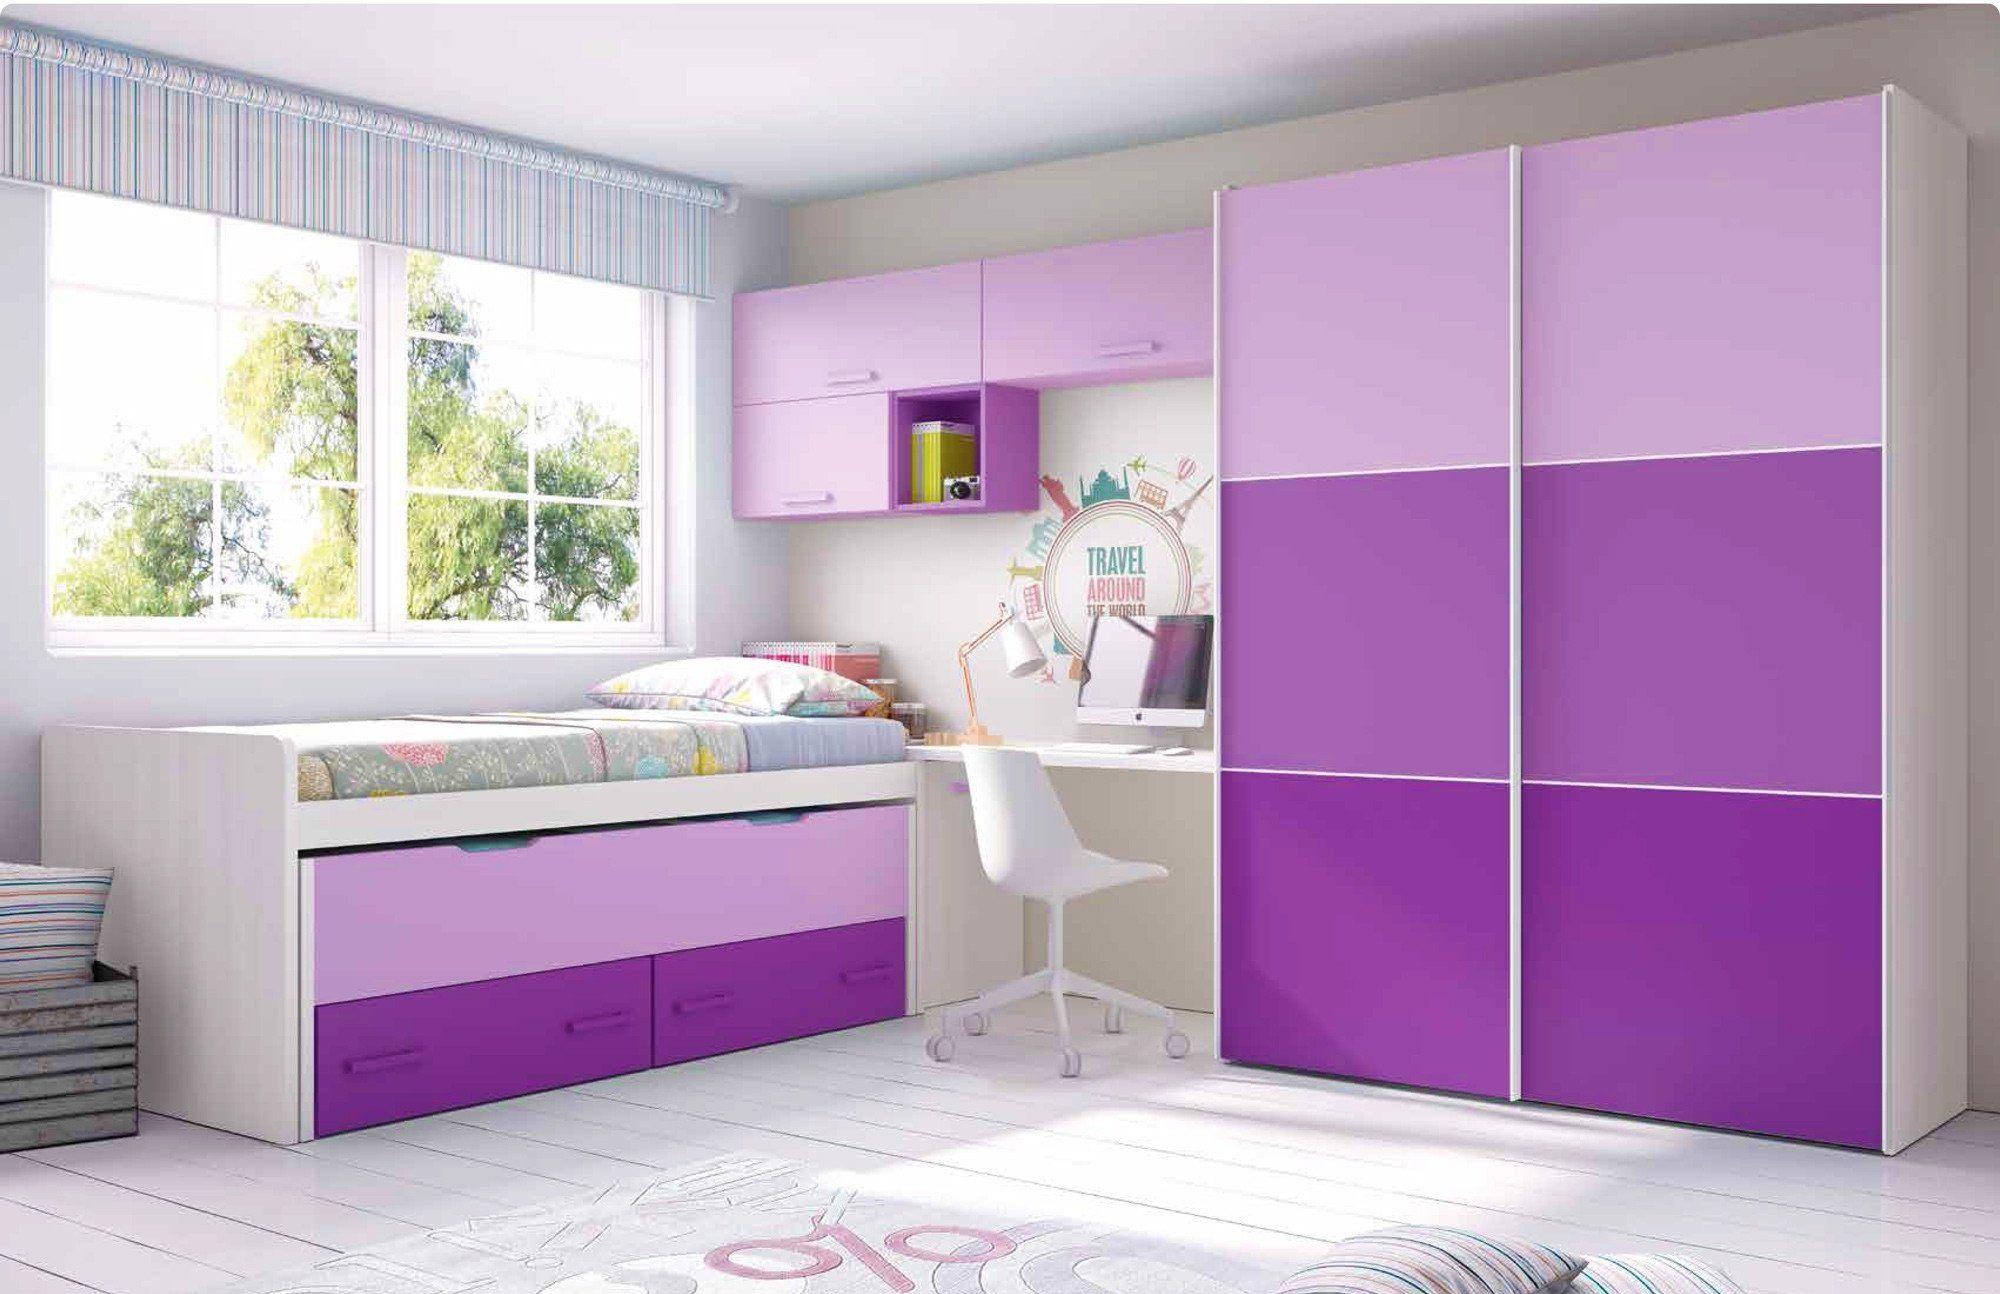 Lit Mezzanine Design Génial Divin Chambre Ado Mezzanine Et Lit Mezzanine Design Lit Mezzanine